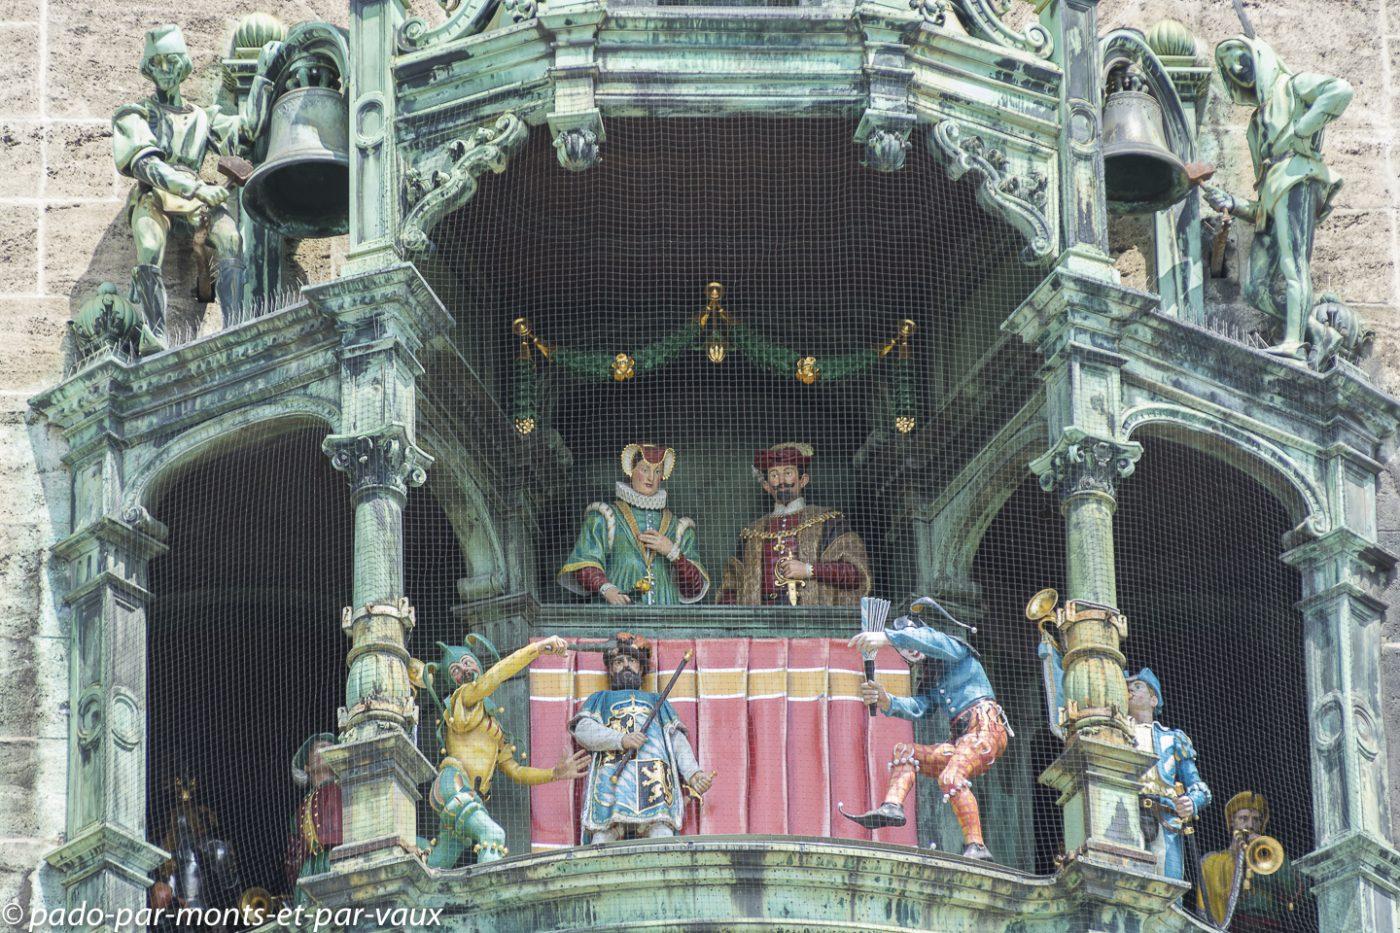 Munich - Carillon de la Rathaus